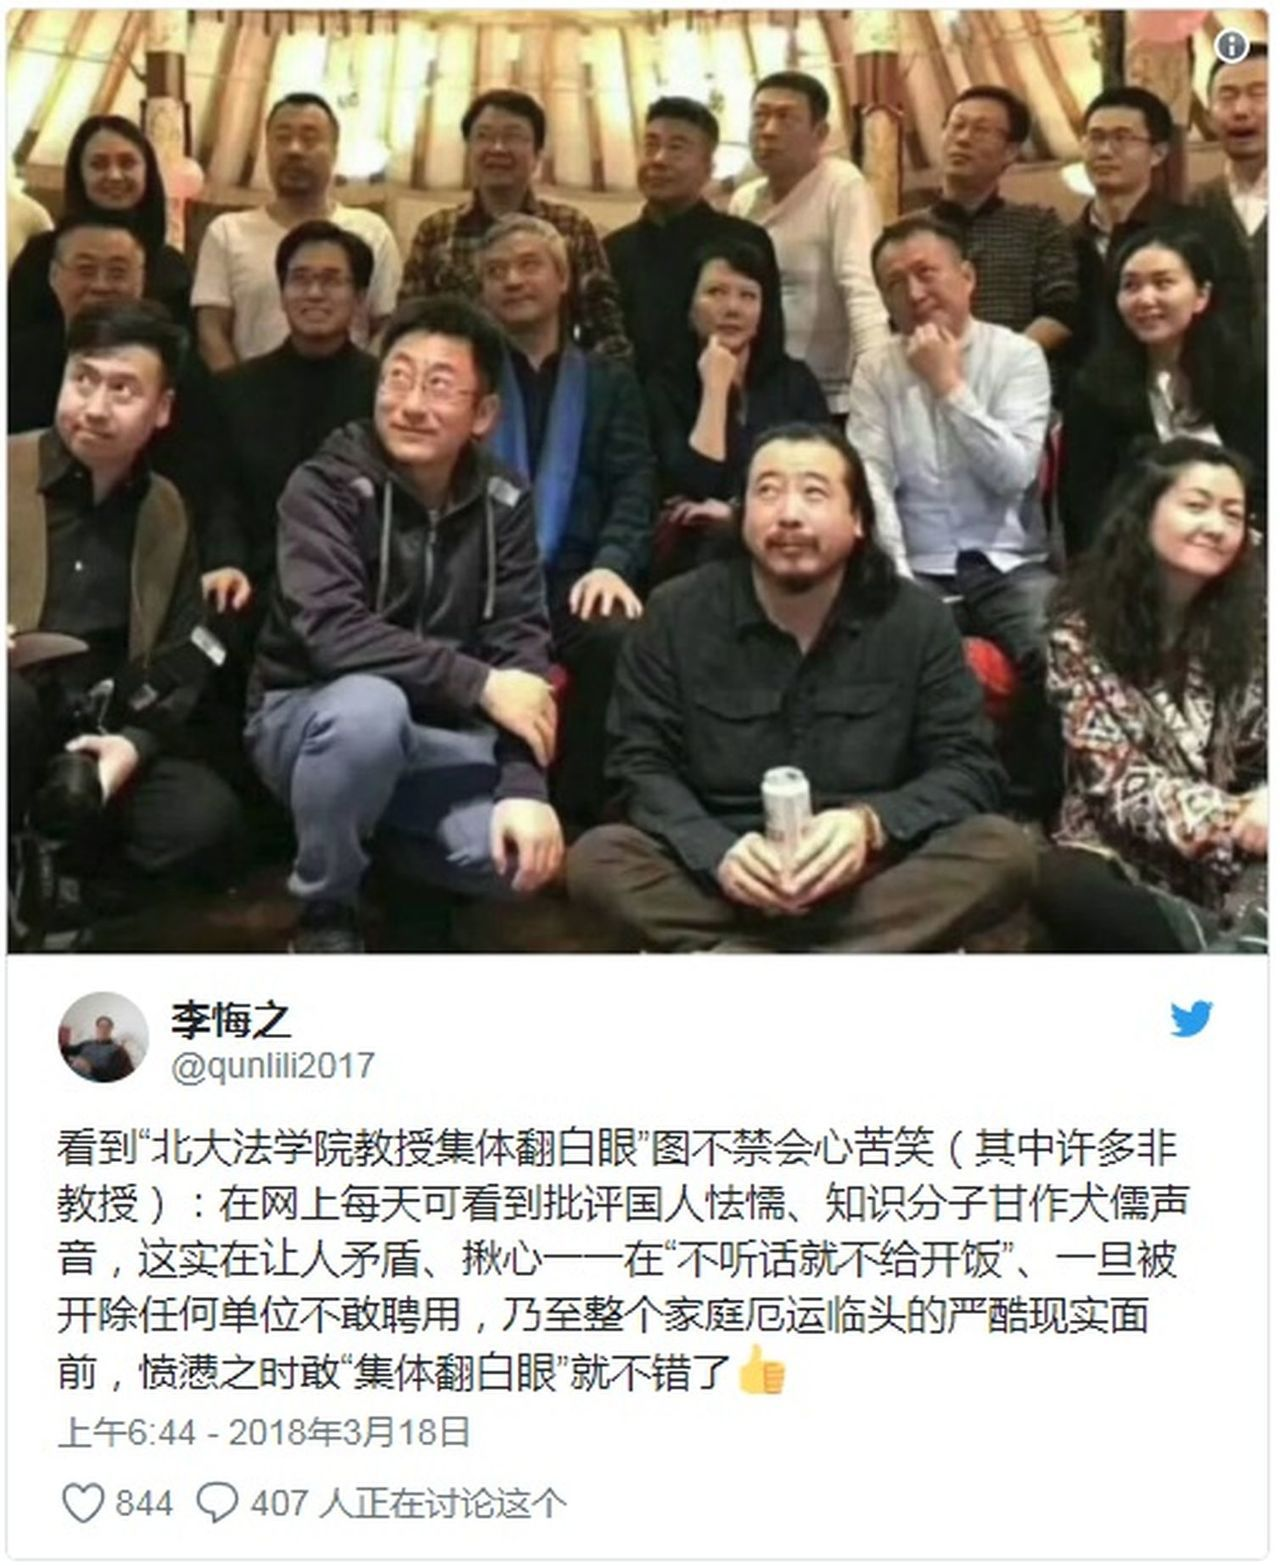 北大法學院教授集體「翻白眼」照片網路熱傳。(取材自推特)